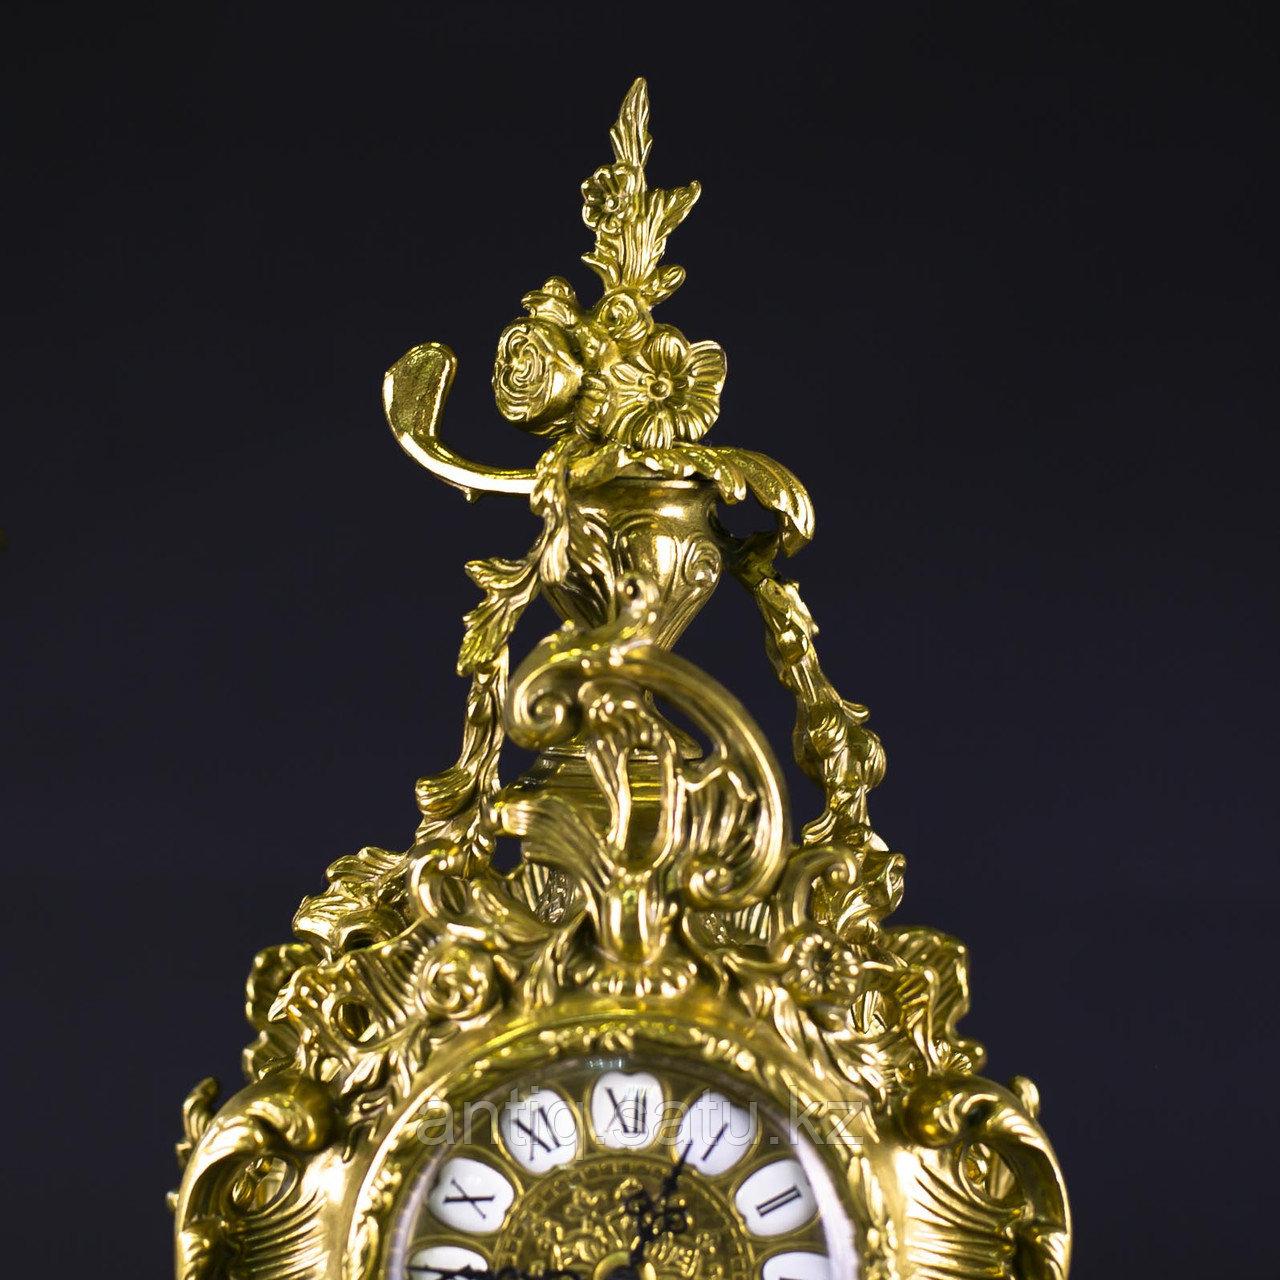 Часовой гарнитур в стиле Неорококо Часовая мастерская Franz Hermle & Sohne - фото 7